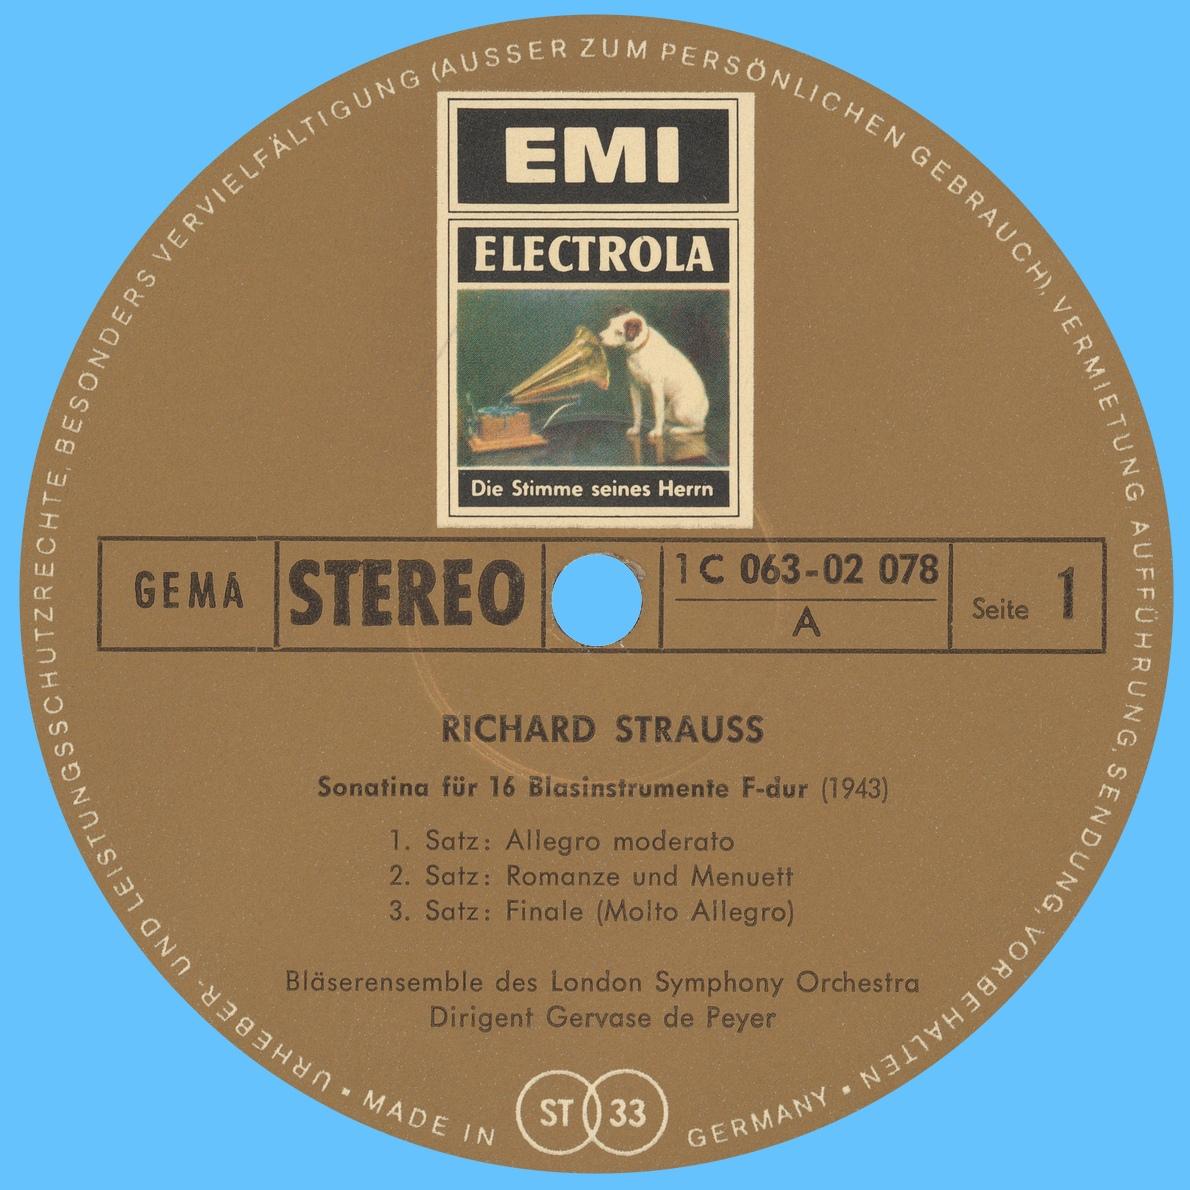 Étiquette verso du disque EMI 1C 063-02 078